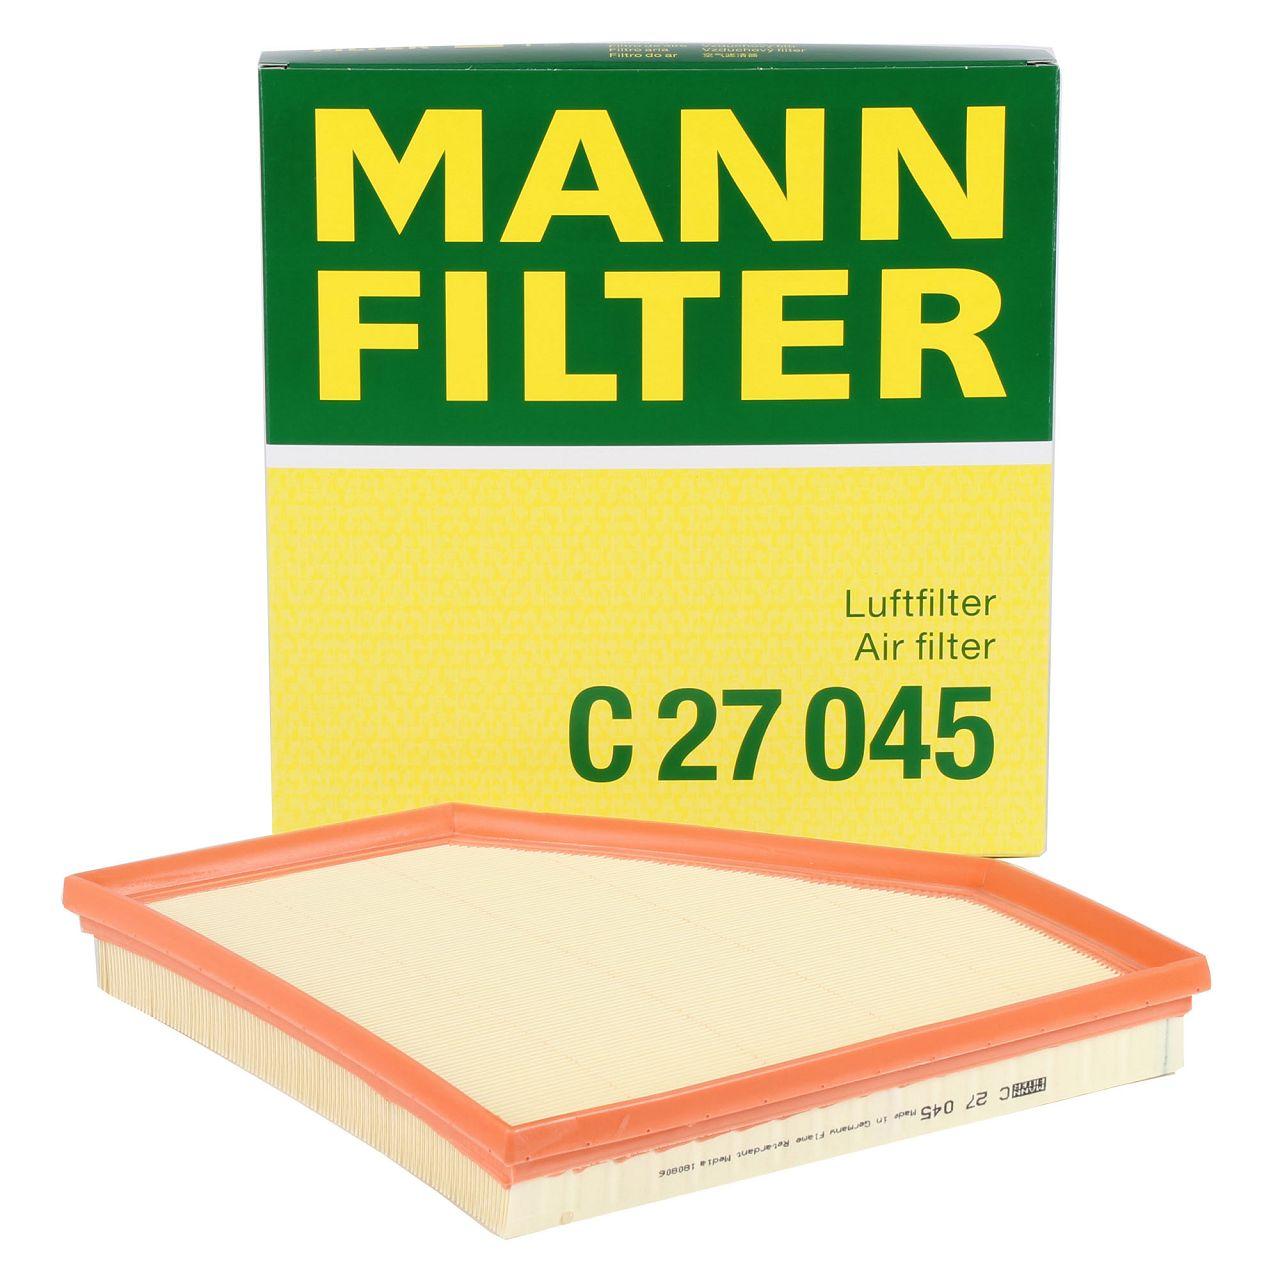 MANN C27045 Luftfilter BMW F20/21 120/125i M140i F30-34 320-340i F32-36 420-440i